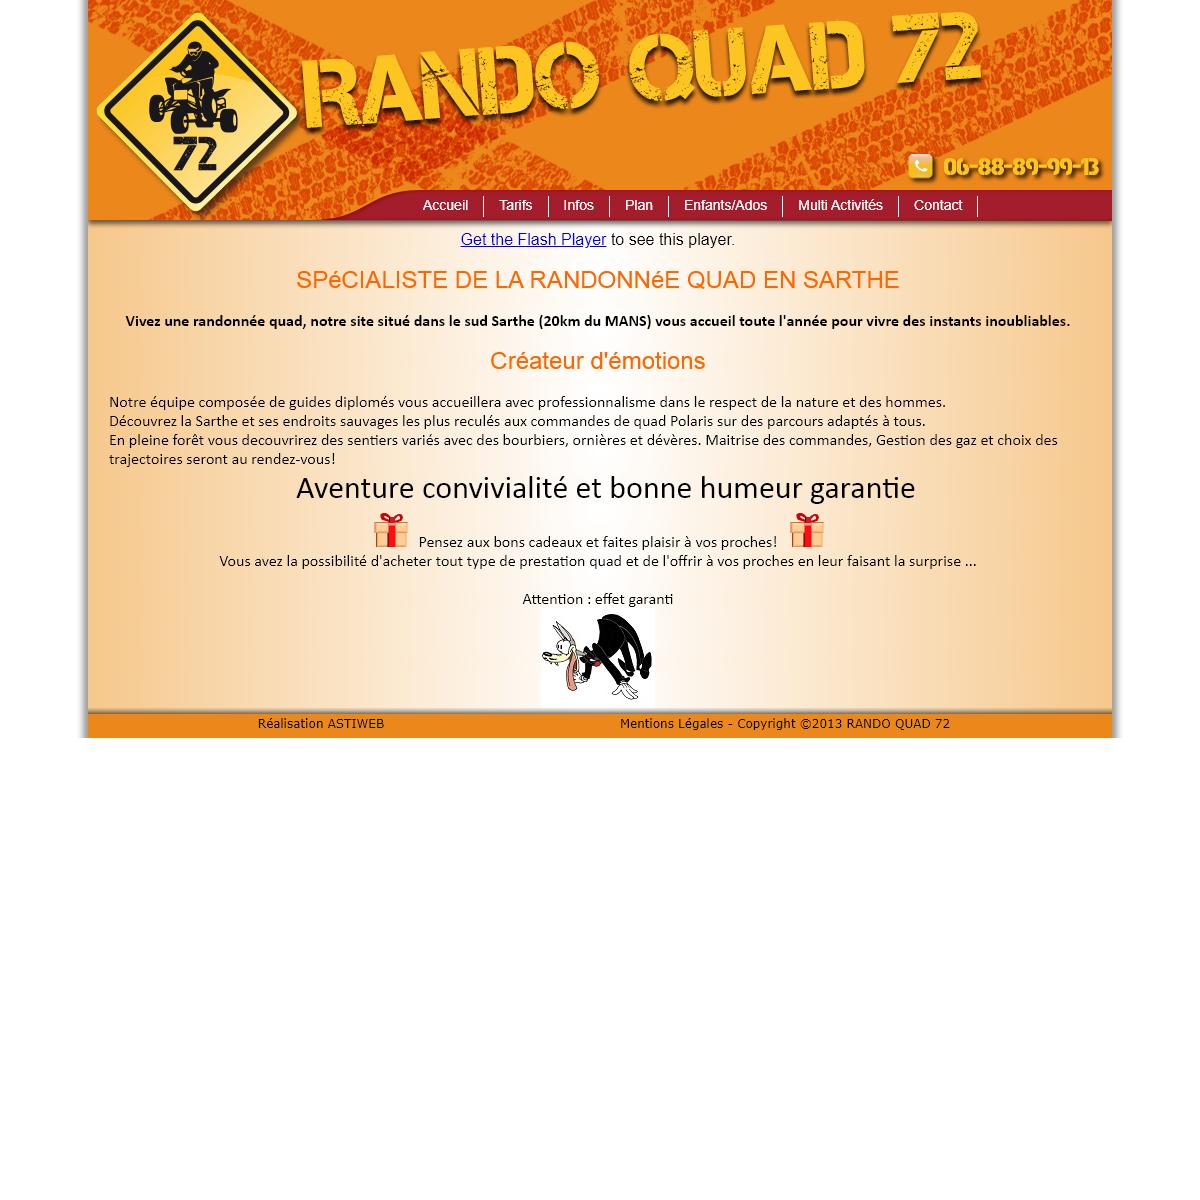 RANDO QUAD 72